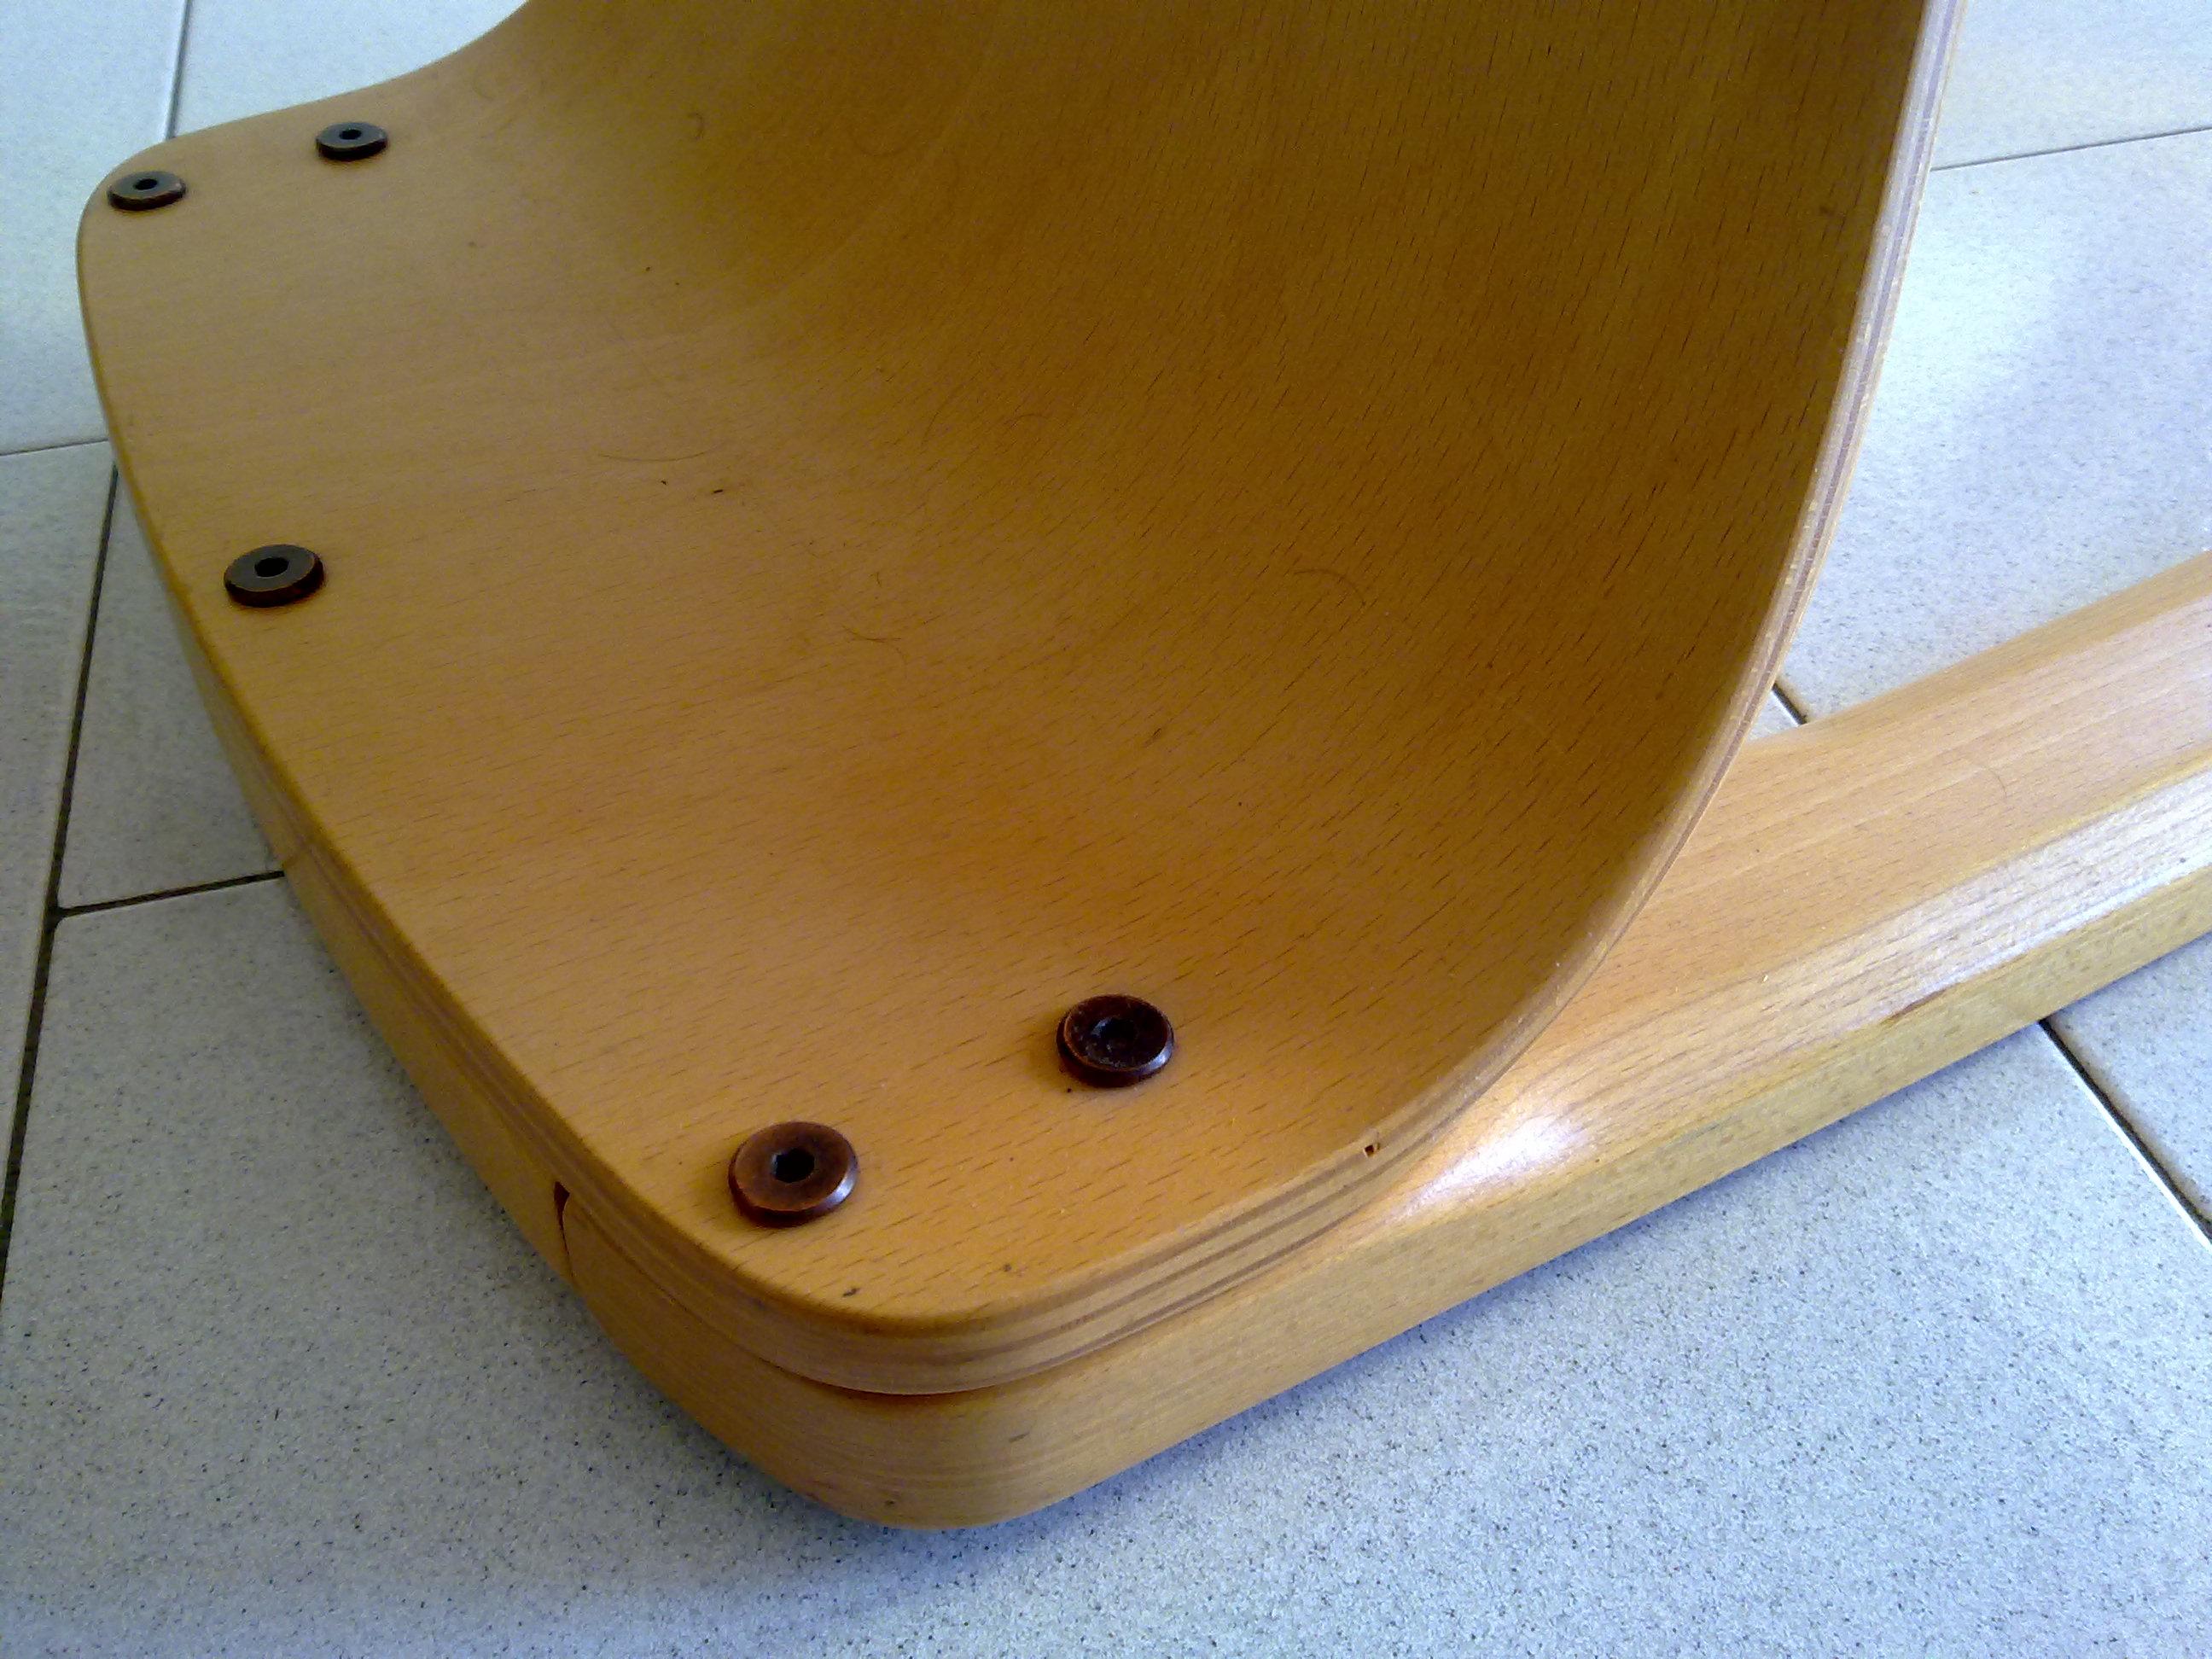 Vasca Da Bagno Stokke : Vendo sedia stokke usata rialzo da sedia cam s334 sedia rialzo wc